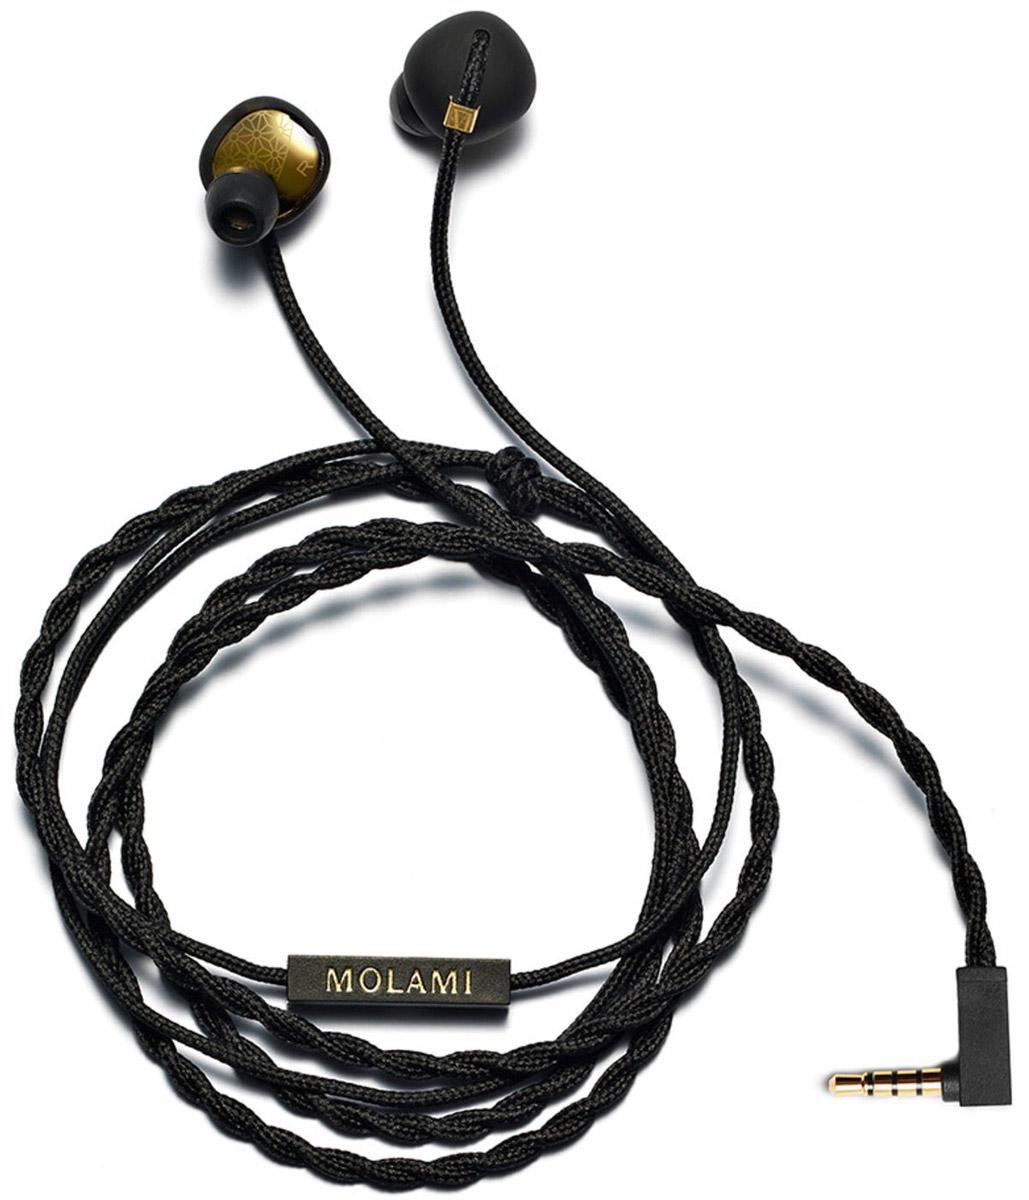 Molami Stitch, Black Gold наушники15118048Molami Stitch - это первоклассное звучание и стиль, которые соединились в компактных наушниках-вставках. Уникальная функциональная особенность квадратного силуэта c круглой вставкой позволяет Stitch комфортно располагаться в ваших ушах, пока вы наслаждаетесь любимой музыкой. Сочетание матового белого цвета и золотых деталей делает эту модель оригинальным стильным аксессуаром, который идеально дополняет коллекцию Molami. Особенности: Современный утонченный дизайн Мощный звук при минимальных искажениях Сменные амбушюры Функция гарнитуры